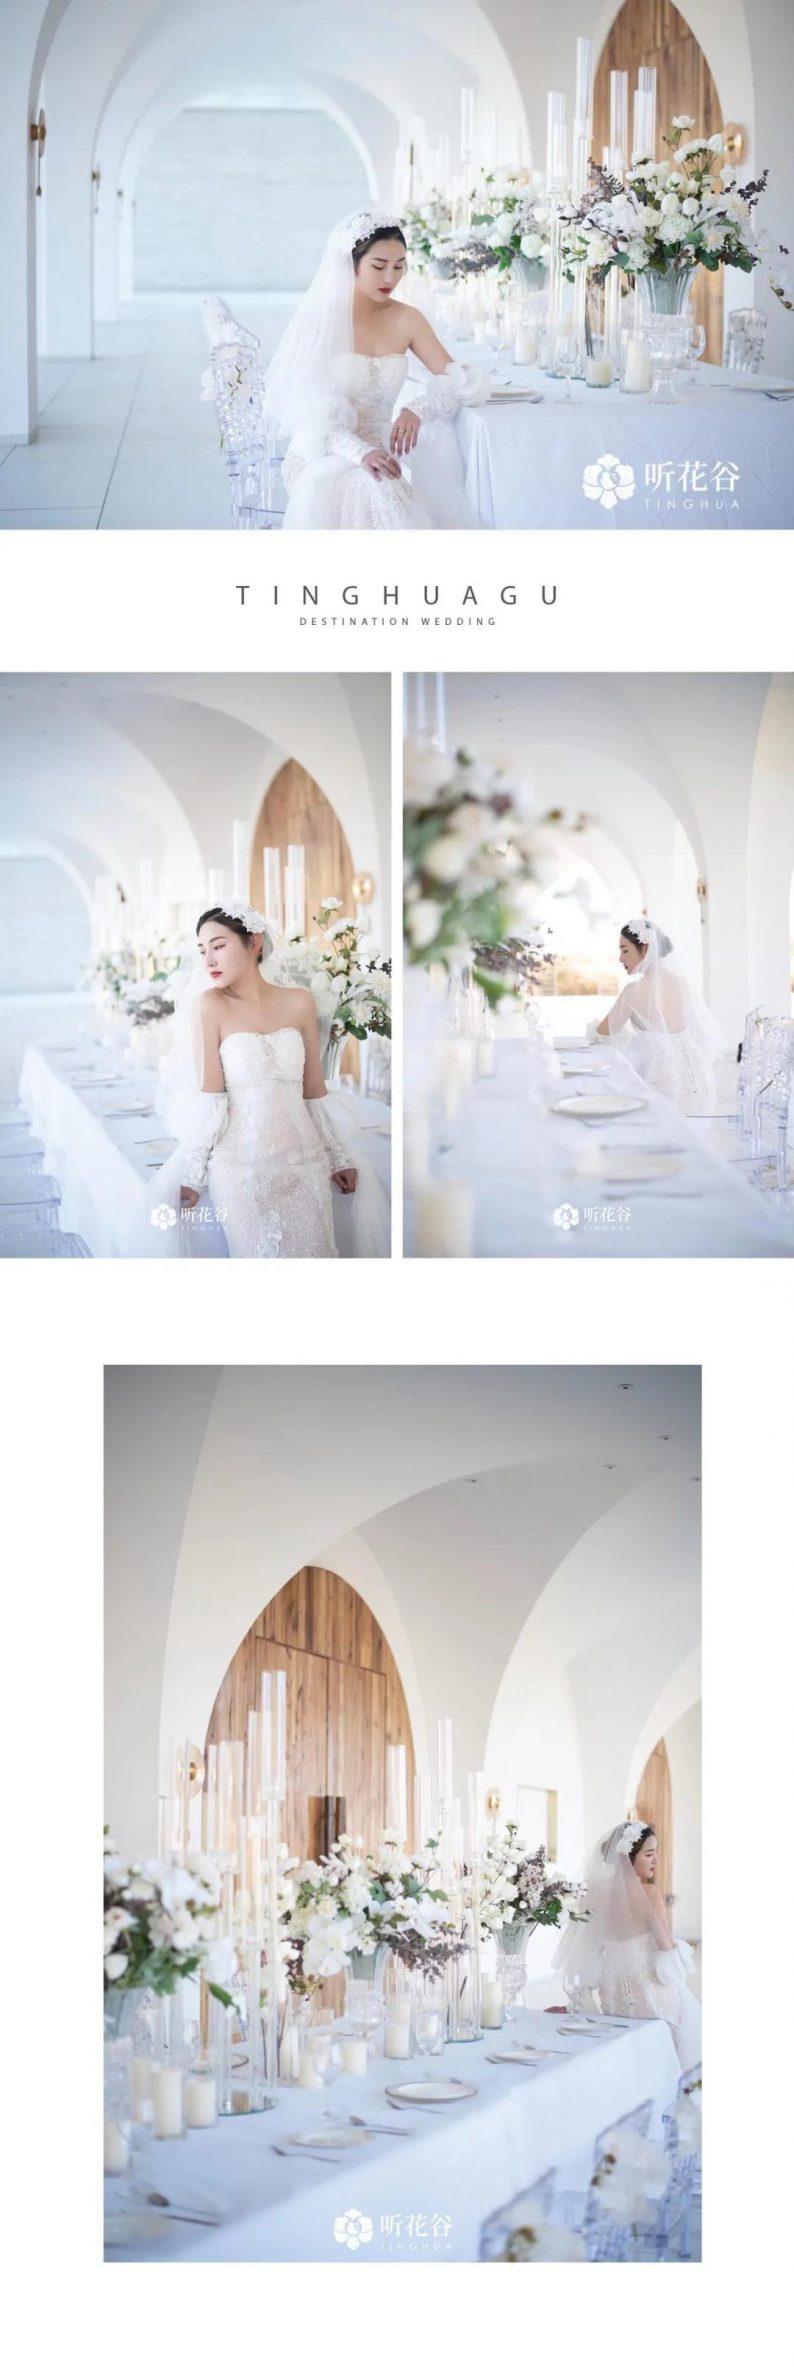 婚礼堂发布:雪山下的圣洁礼堂,丽江婚礼新地标  第16张